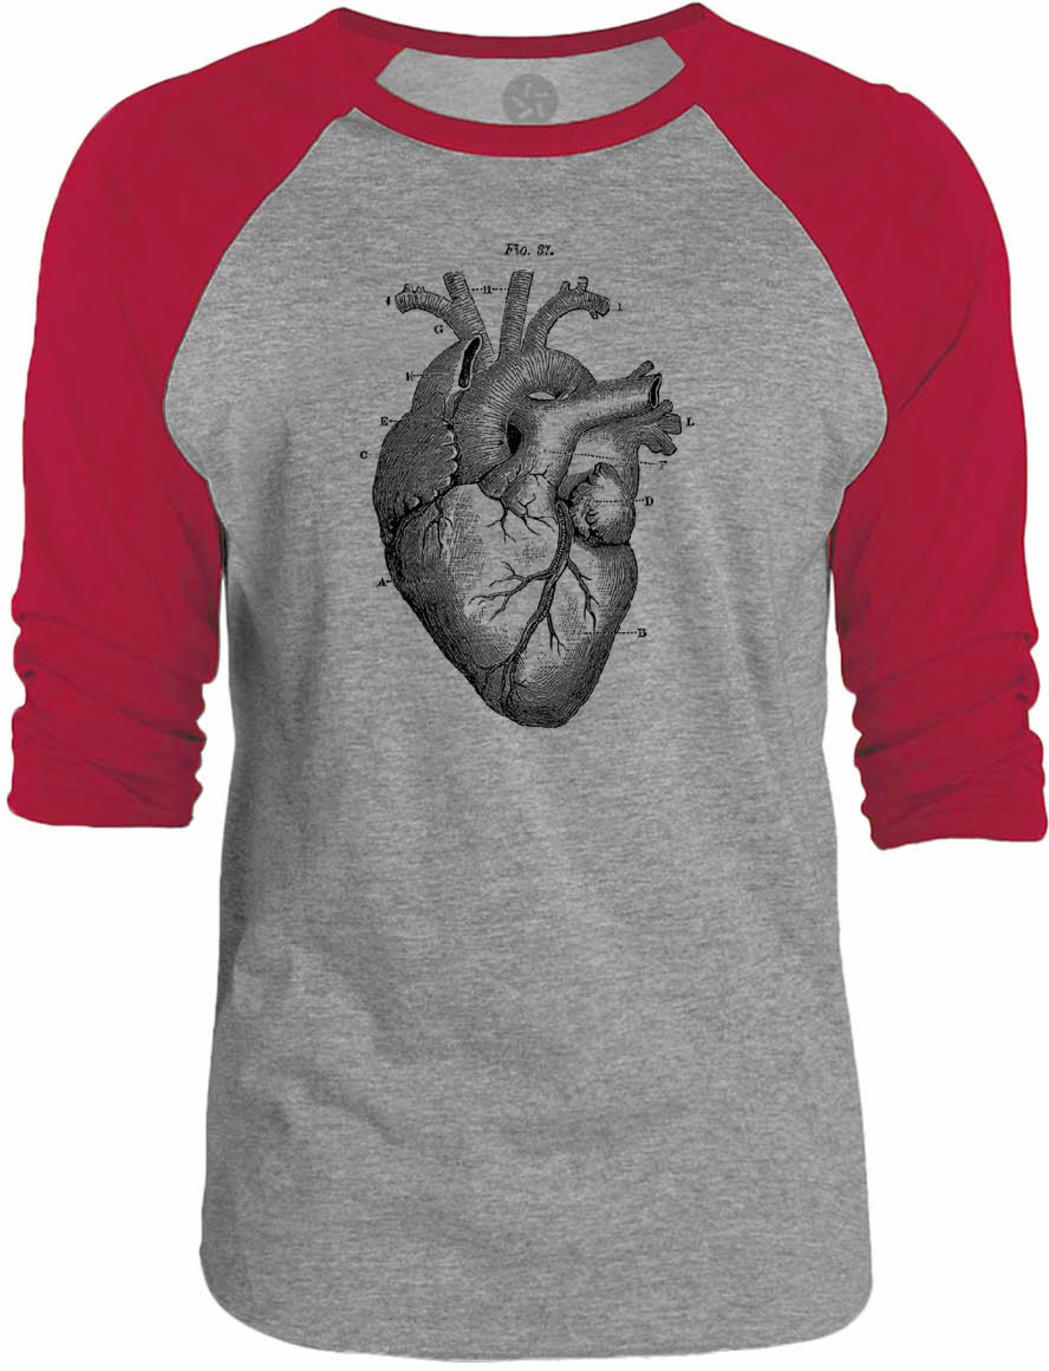 big texas heart anatomy raglan t-shirt - Basic tees shop